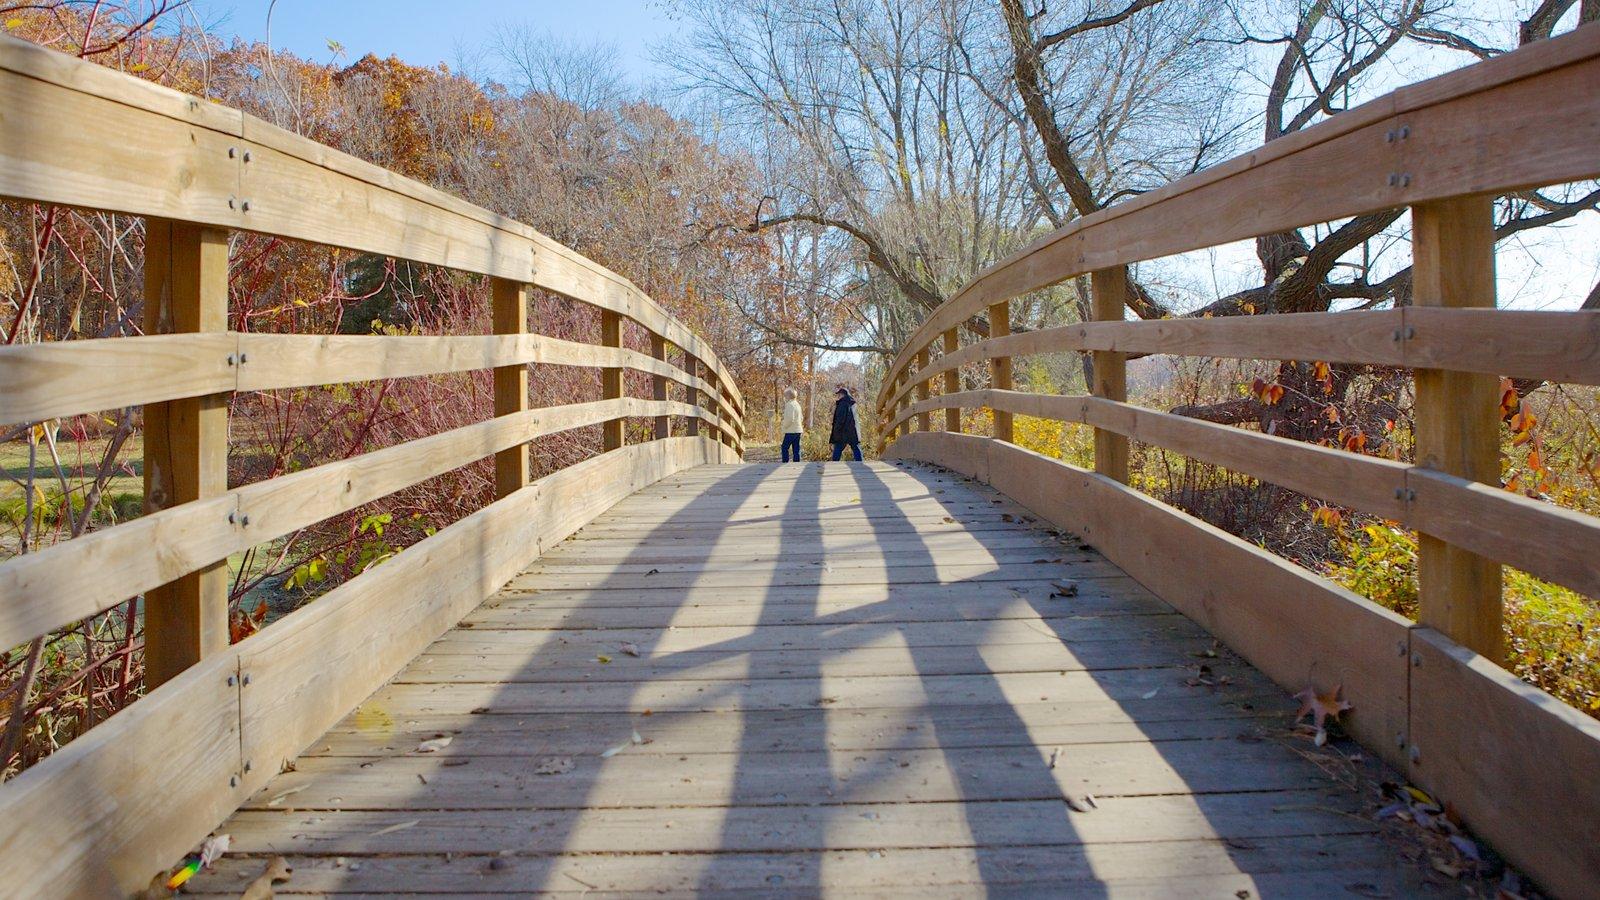 Minnesota Landscape Arboretum que inclui uma ponte e um jardim